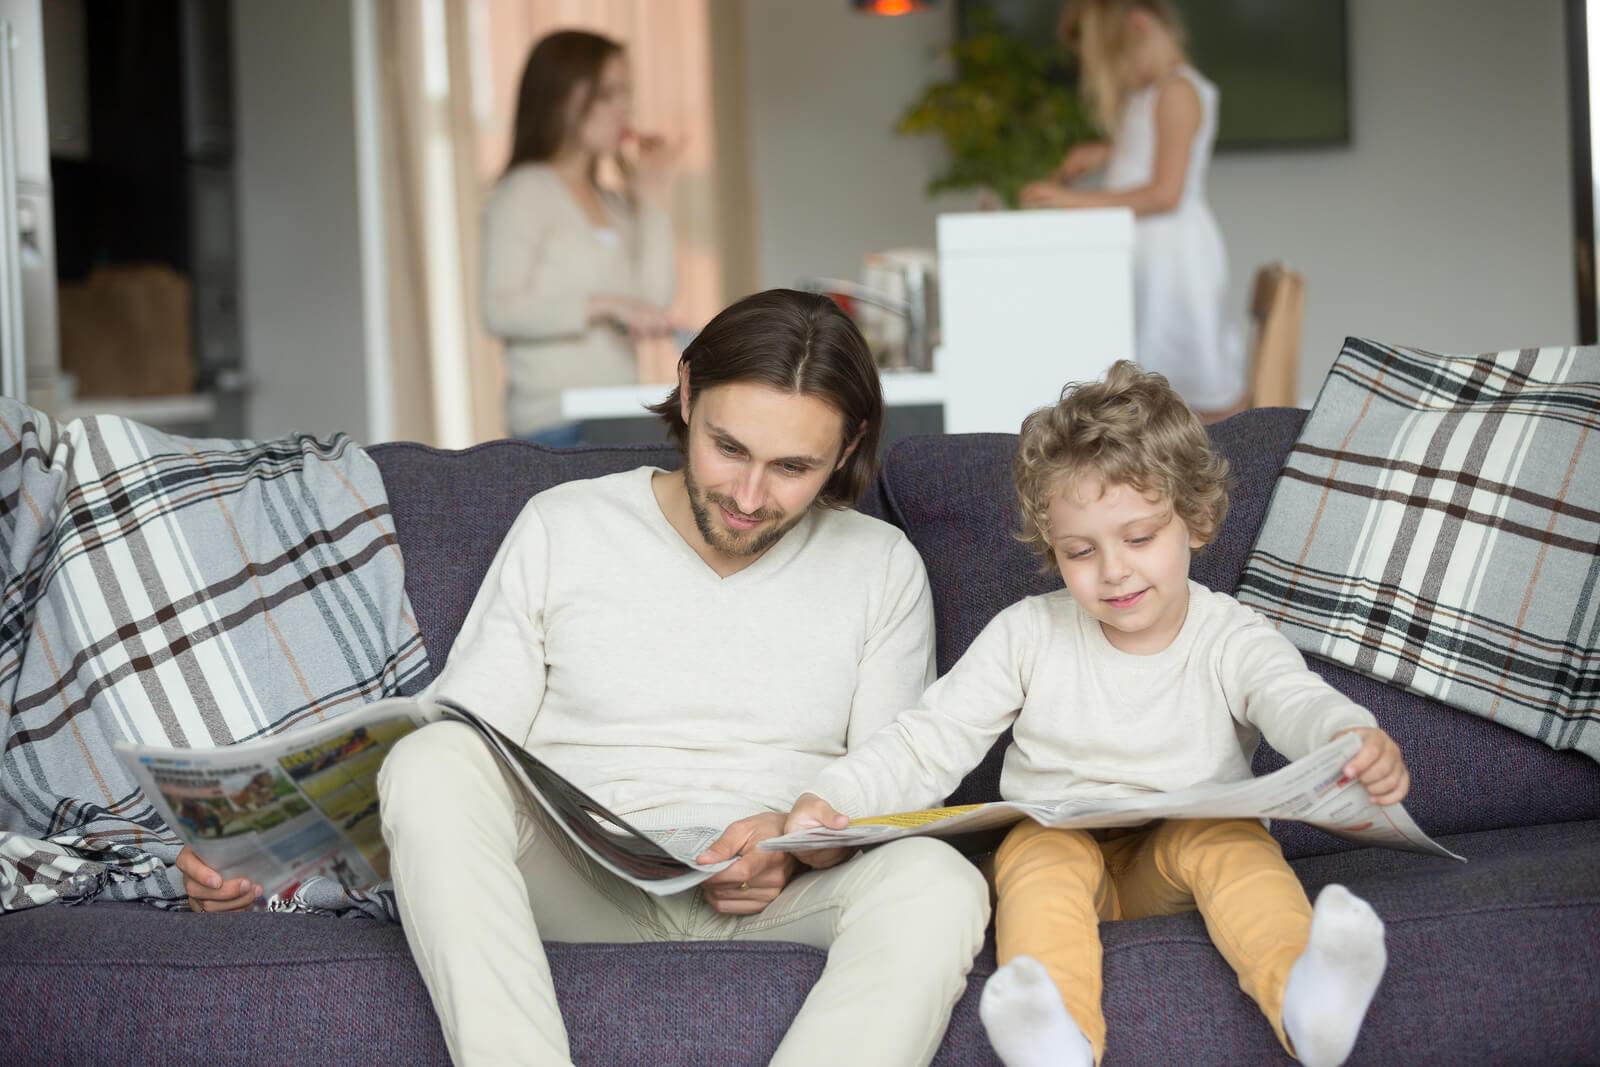 Padre e hijo leyendo el periódico como parte del aprendizaje observacional.